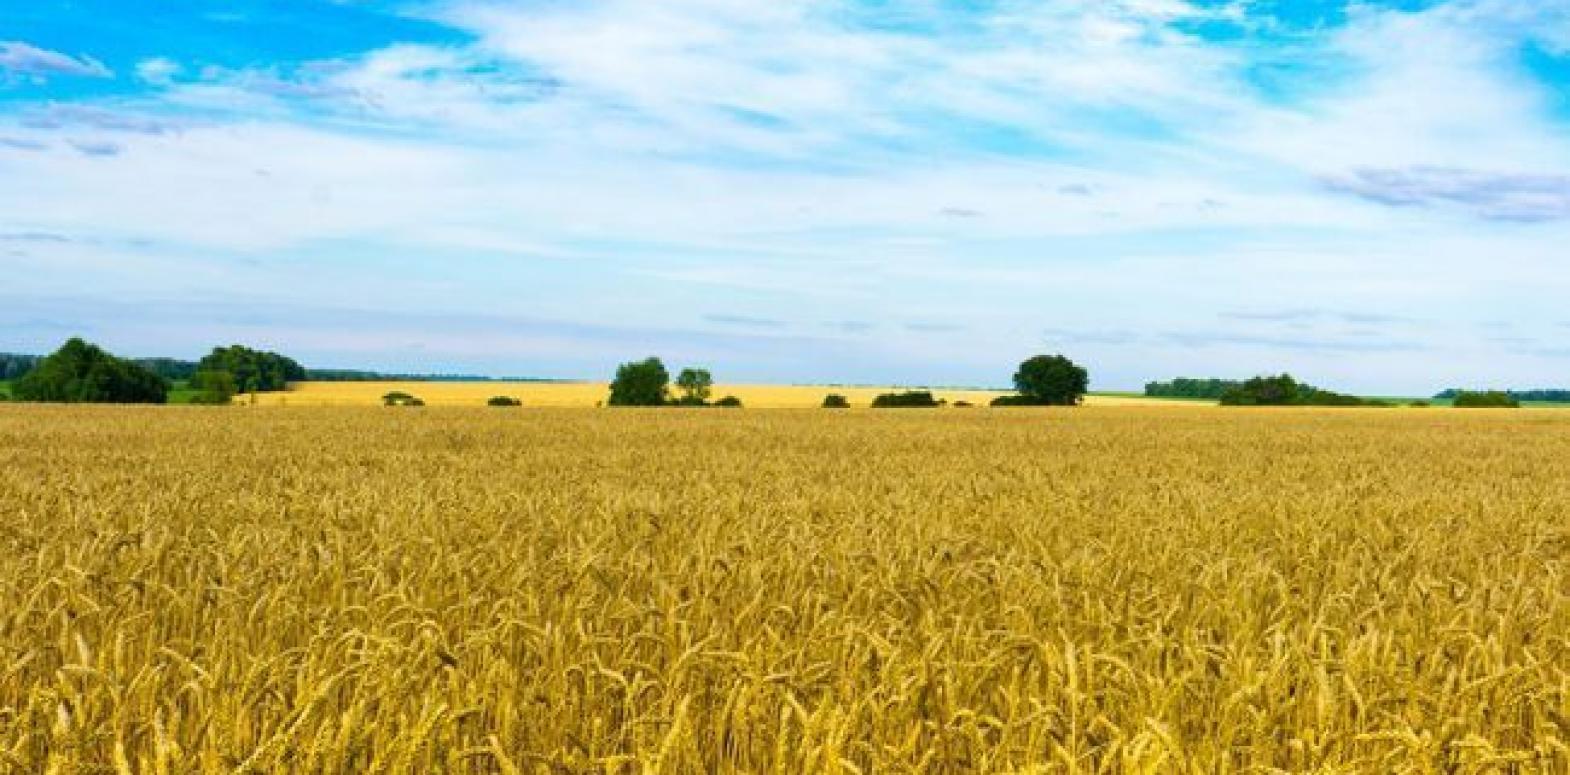 В Минэкономики назвали среднюю цену за гектар земли